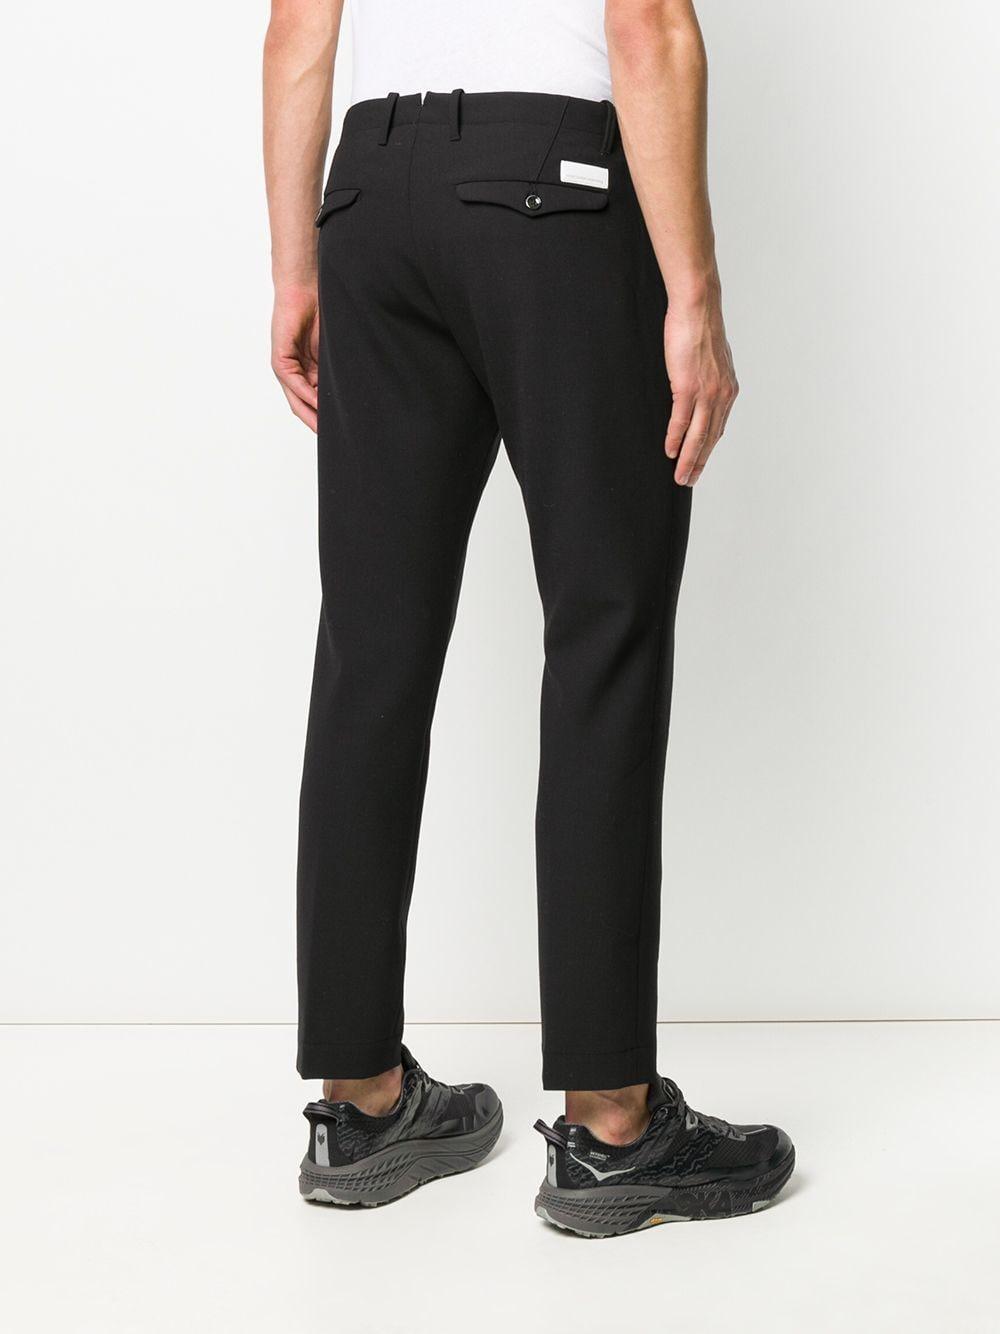 Nine:inthe:morning Wol Slim-fit Broek in het Zwart voor heren